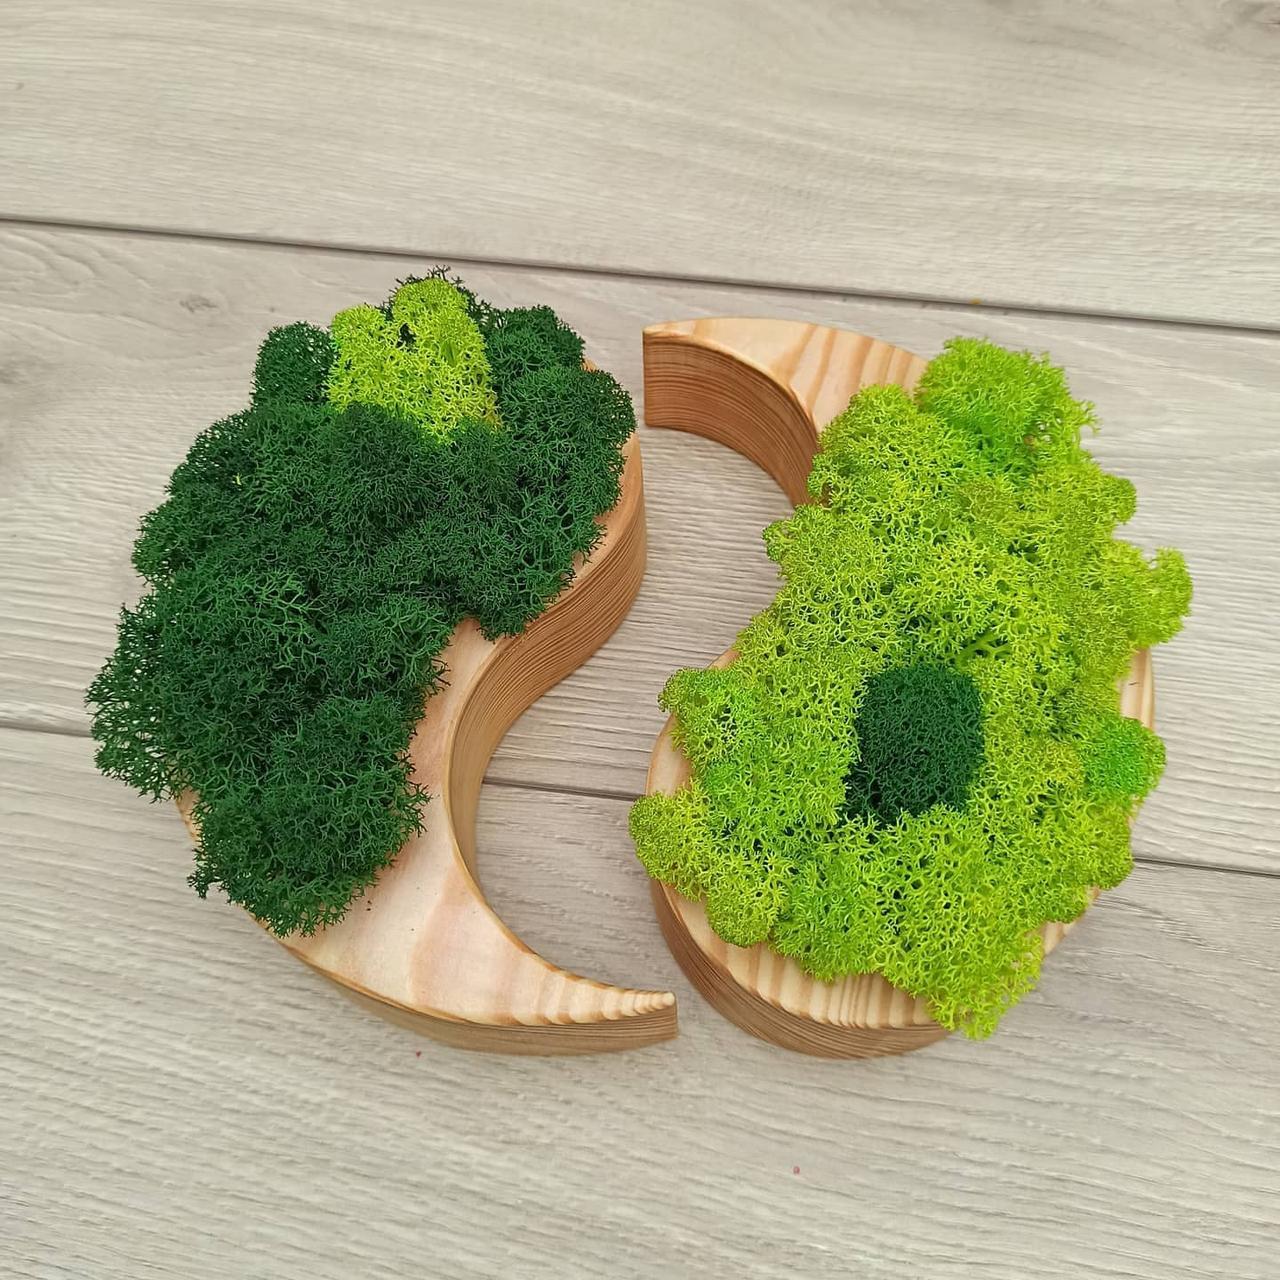 """Дерев'яне кашпо ′Інь і янь"""" з мохом"""